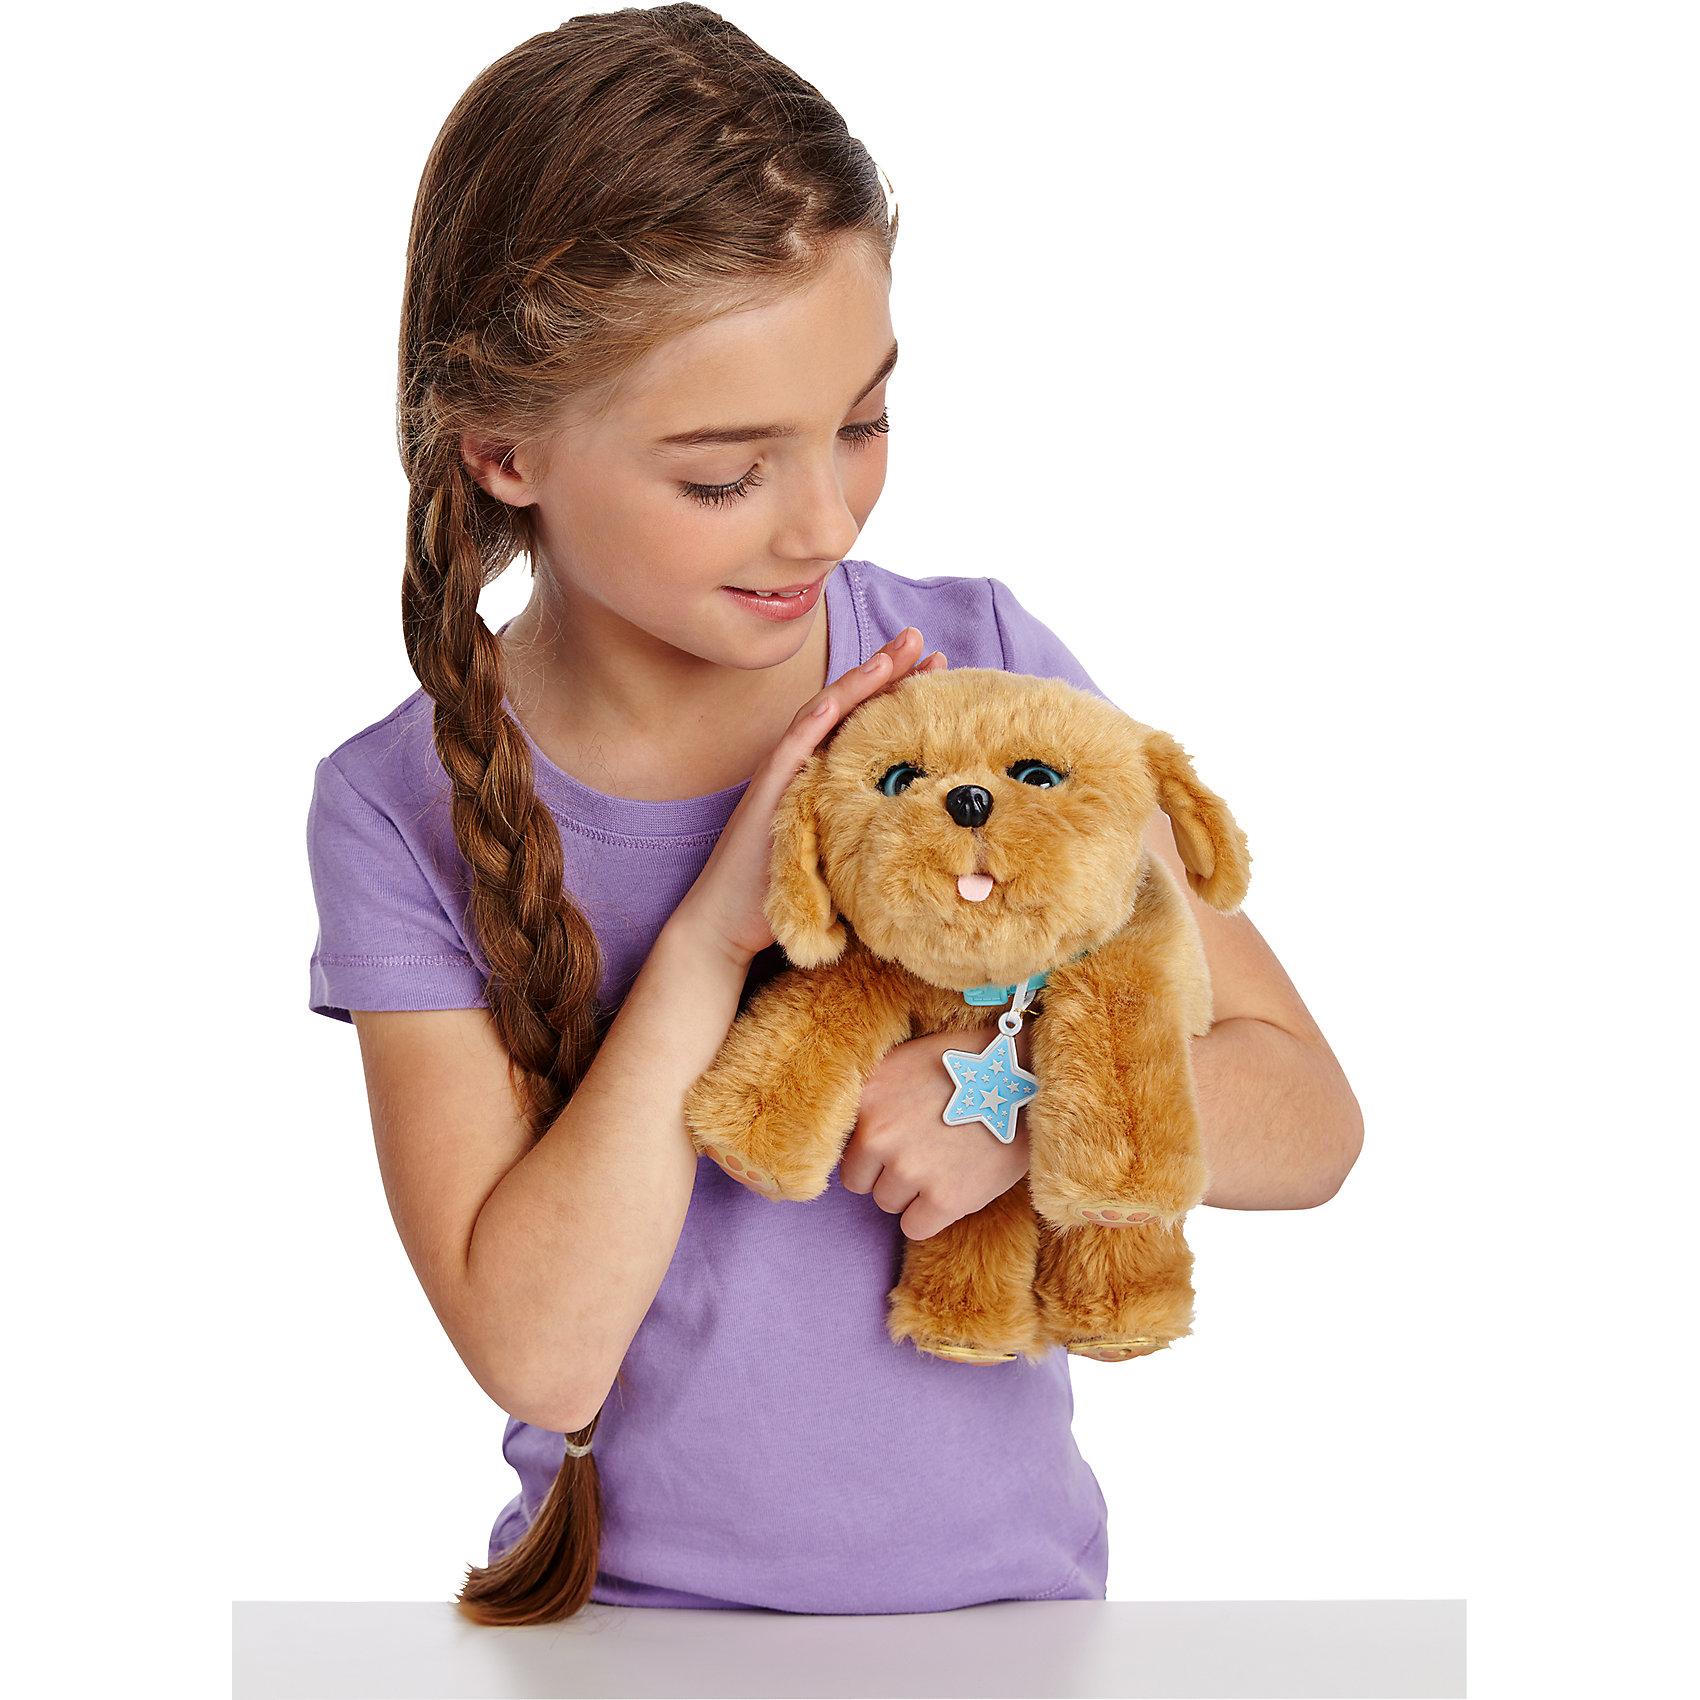 Щенок моей мечты, Little Live Pets, MooseЩенок моей мечты, Little Live Pets, Moose - интерактивная игрушка, которая, несомненно, станет лучшим другом ребенка. Она напоминает настоящего щенка и сможет приучить ребенка к заботе о животных в игровой форме.<br><br>Особенности:<br>- двигает головой<br>- закрывает и открывает глаза, если вы его погладите<br>- умеет радостно скулить и тявкать<br>- облизывает хозяина или хозяйку при нажатии на носик<br>- издает реалистичные звуки при кормлении из бутылочки<br>- посадите щенка и он попытает вас позвать, а затем закроет глазки и ляжет спать<br>- приятен на ощупь<br><br>Дополнительная информация:<br>Размер: 25 см<br>Батарейки: ААА - 4 шт. (входят в комплект)<br>Материал: пластик, плюш<br><br>Вы можете приобрести Щенка моей мечты, Little Live Pets, Moose в нашем интернет-магазине.<br><br>Ширина мм: 323<br>Глубина мм: 312<br>Высота мм: 185<br>Вес г: 933<br>Возраст от месяцев: 60<br>Возраст до месяцев: 84<br>Пол: Женский<br>Возраст: Детский<br>SKU: 4898516